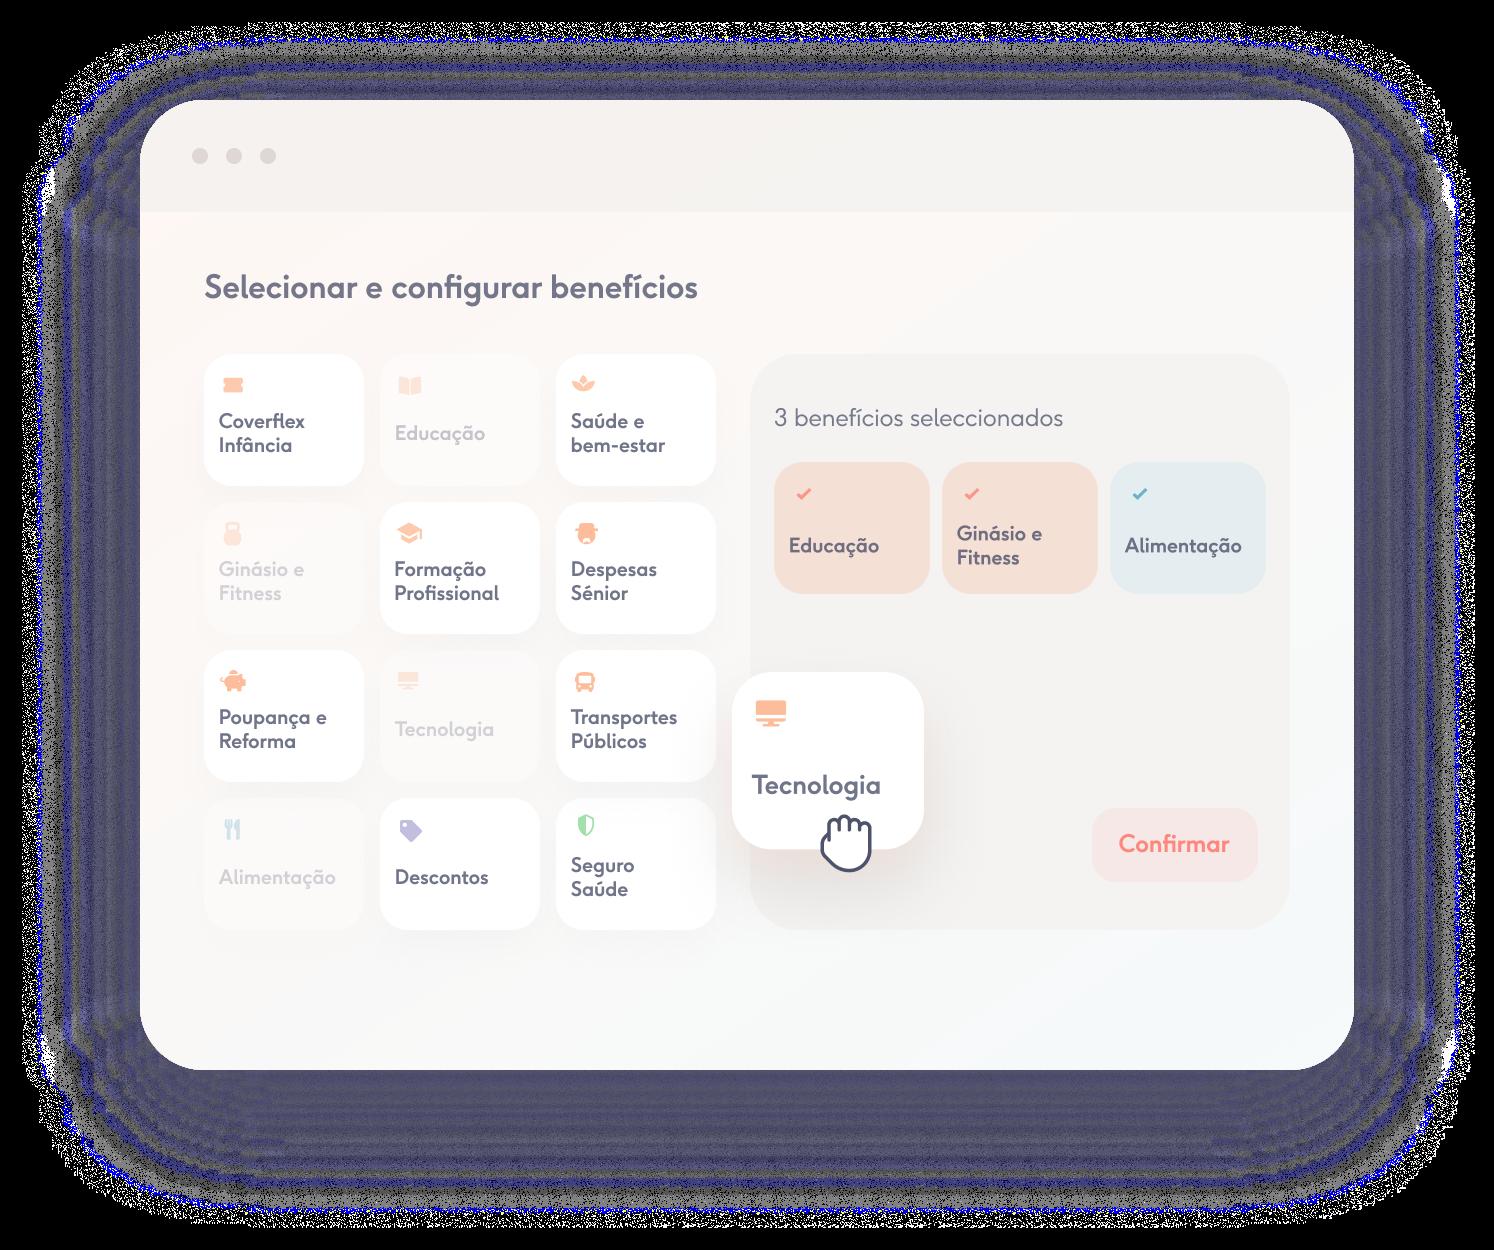 plataforma de benefícios flexíveis da empresa